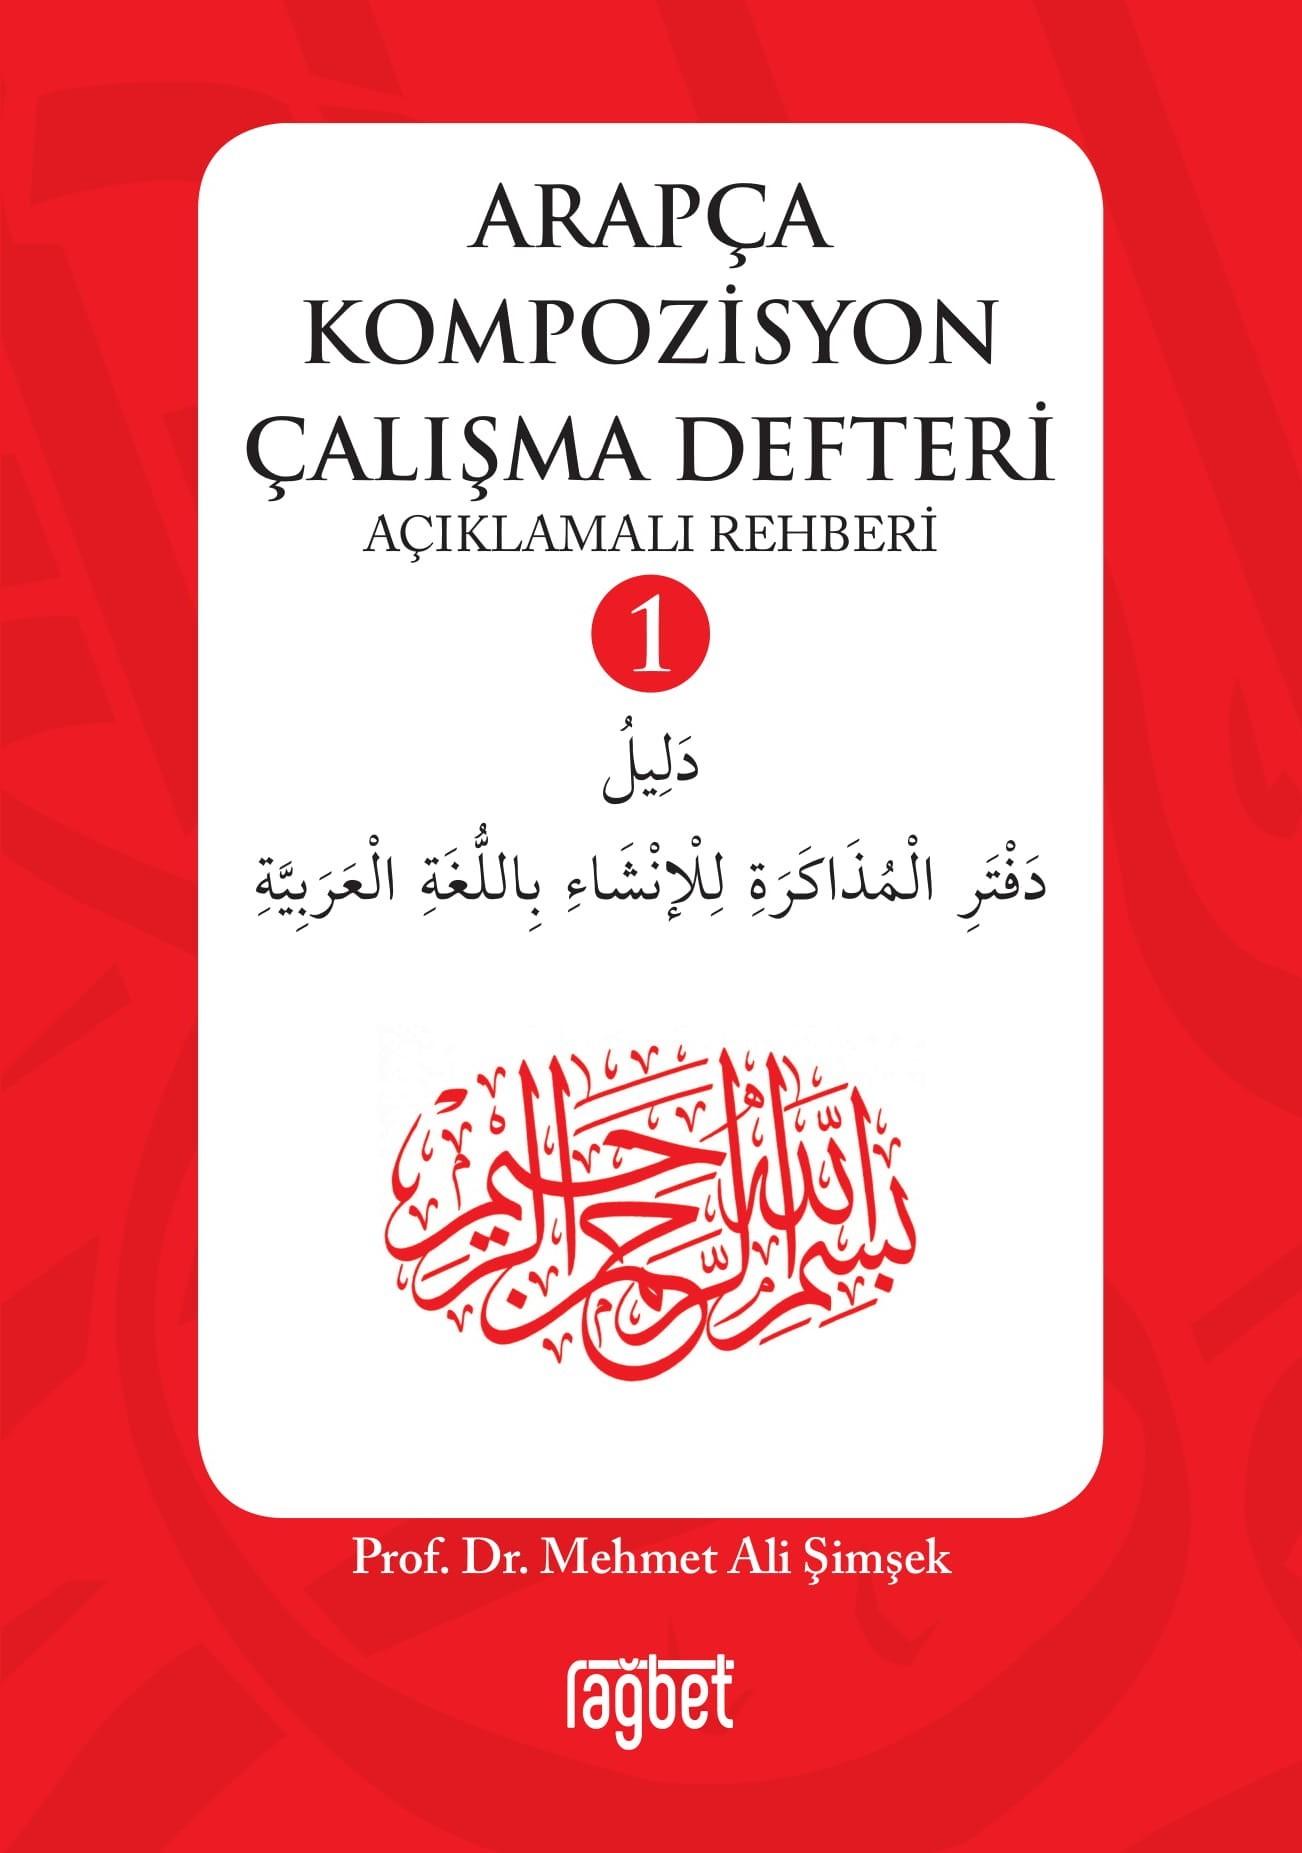 Arapça Kompozisyon Çalışma Defteri - 1